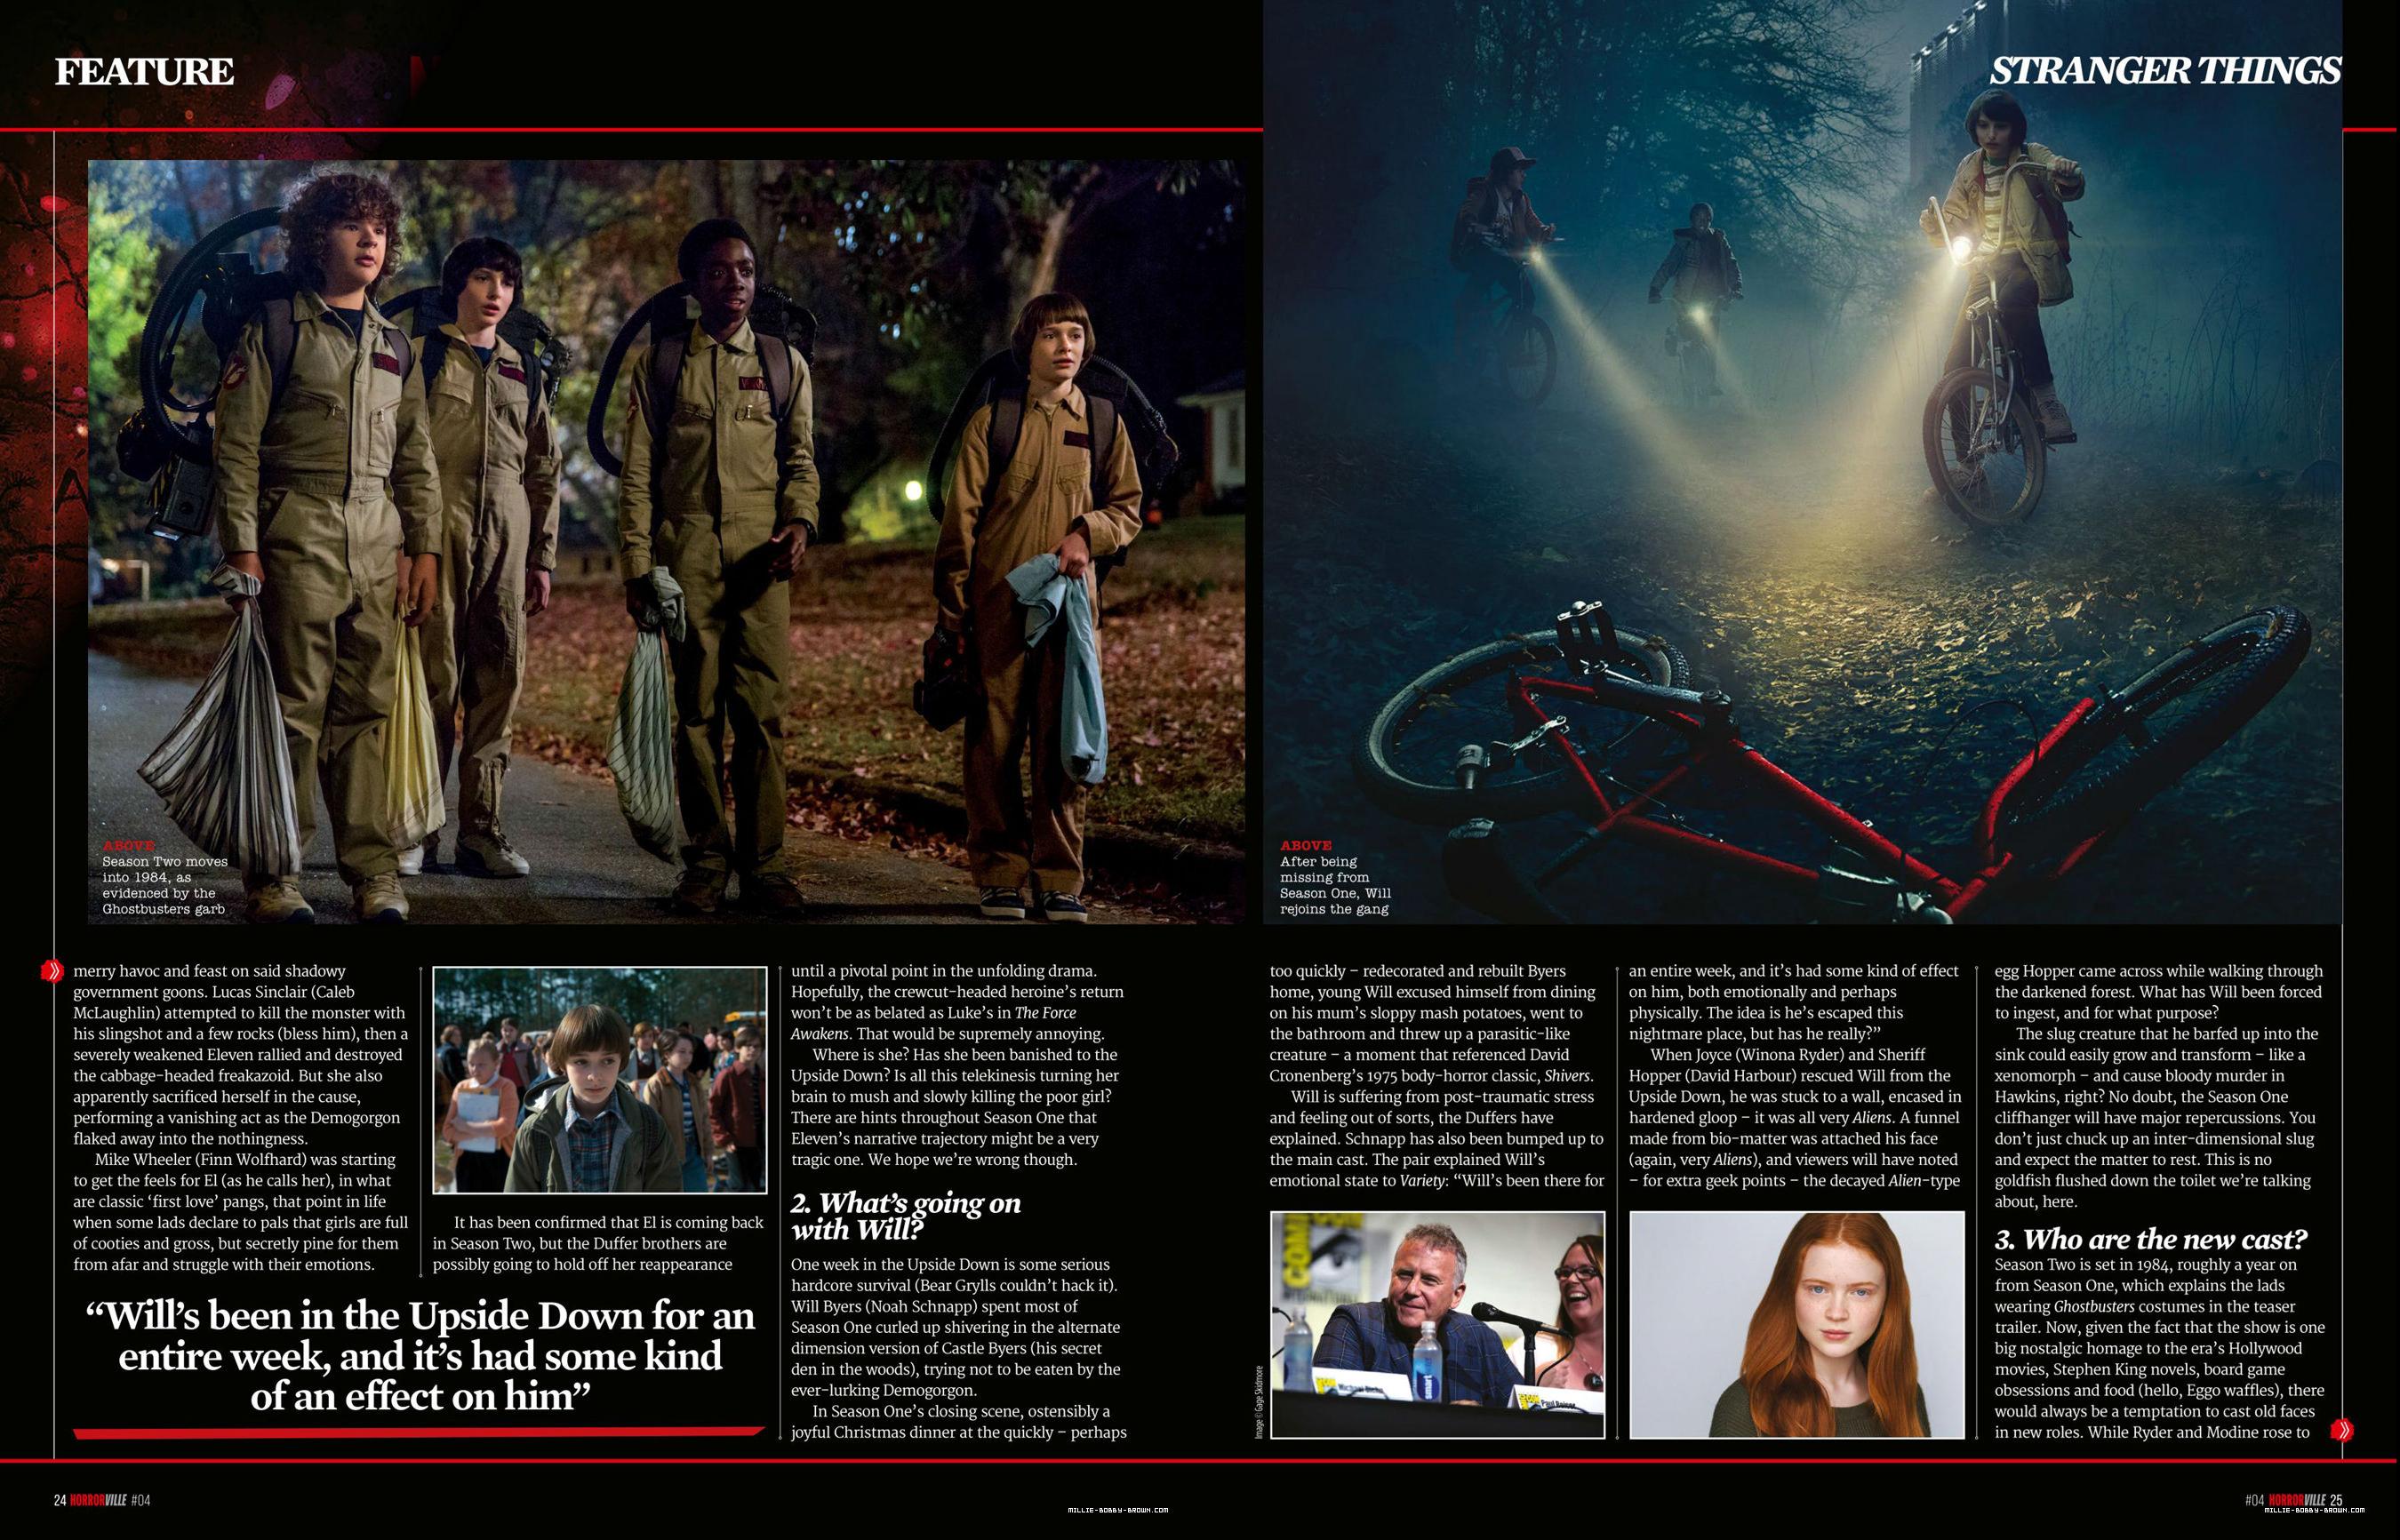 Stranger Things in Horrorville Magazine - 2017 [2]